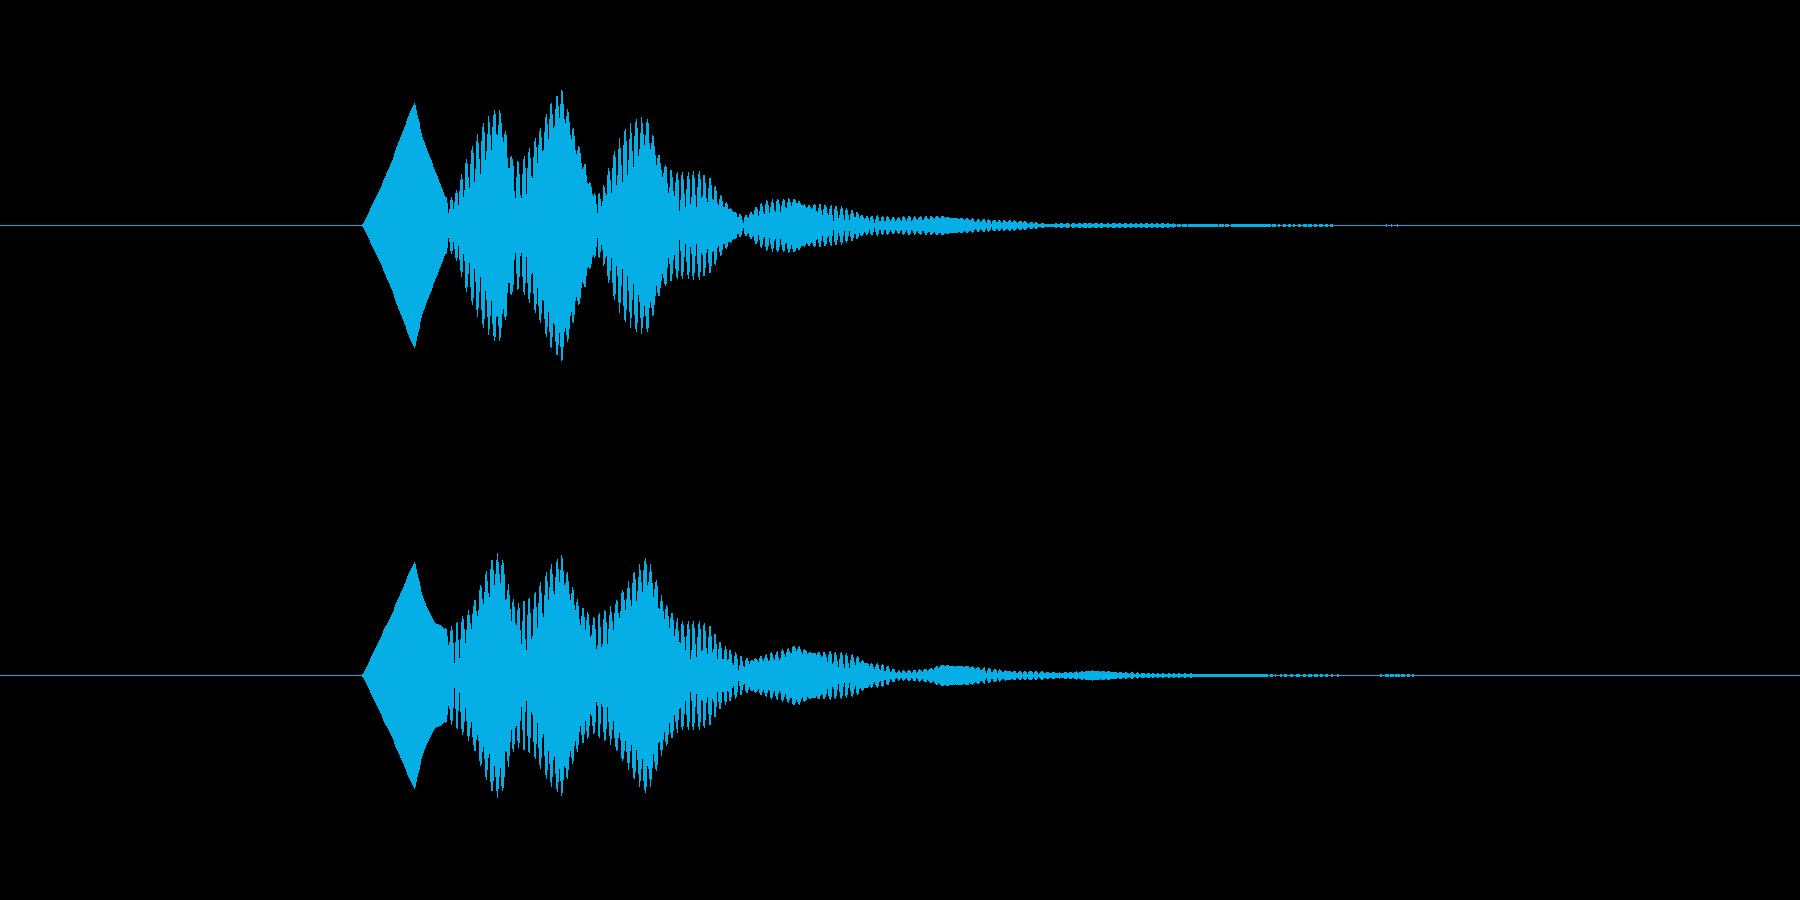 ソフトで無機質なボタン Cの再生済みの波形